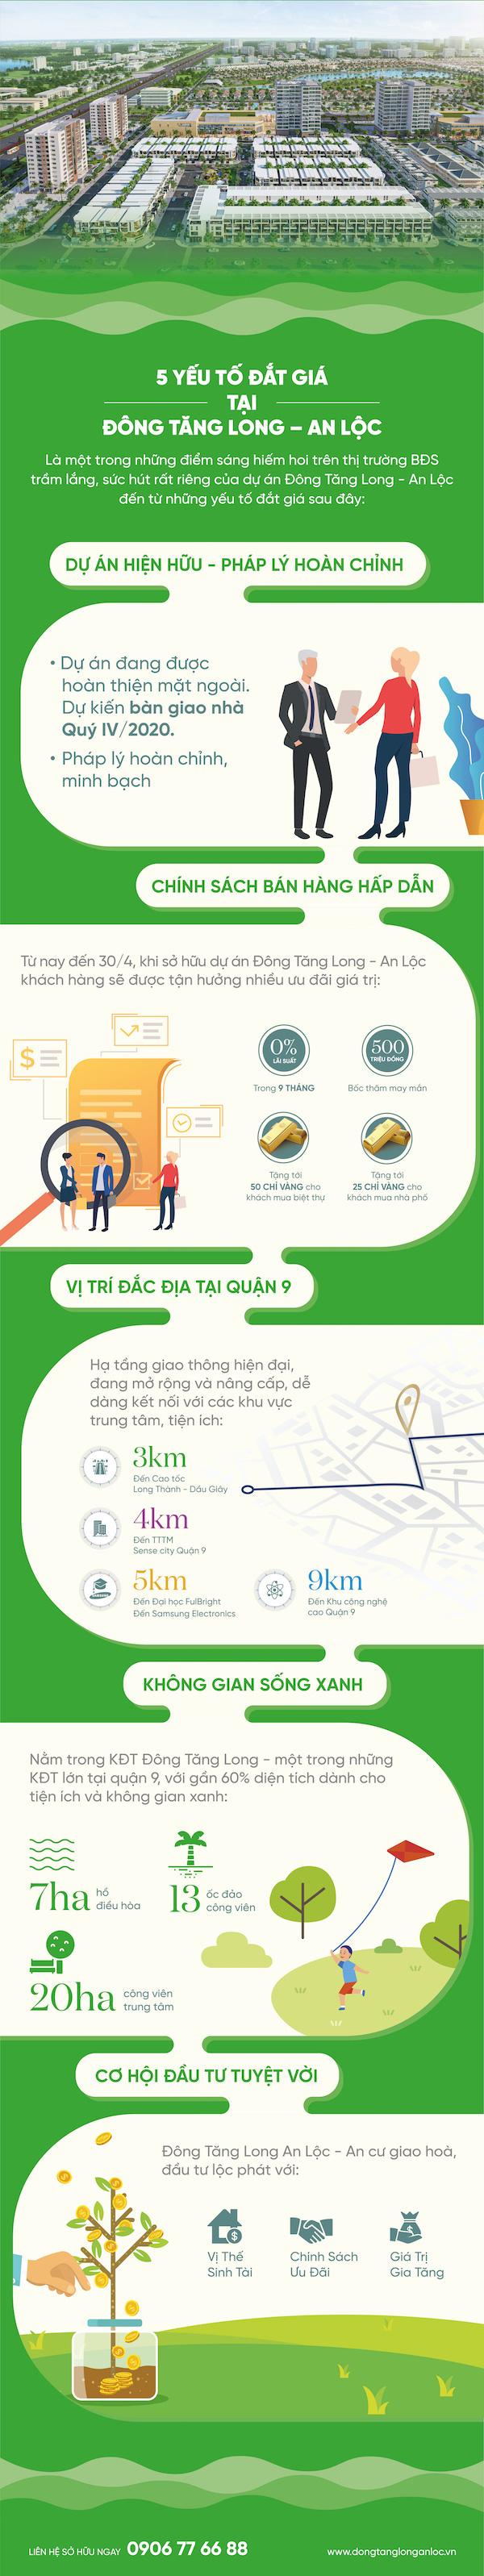 5 yếu tố đắt giá tại Đông Tăng Long - An Lộc - Ảnh 1.